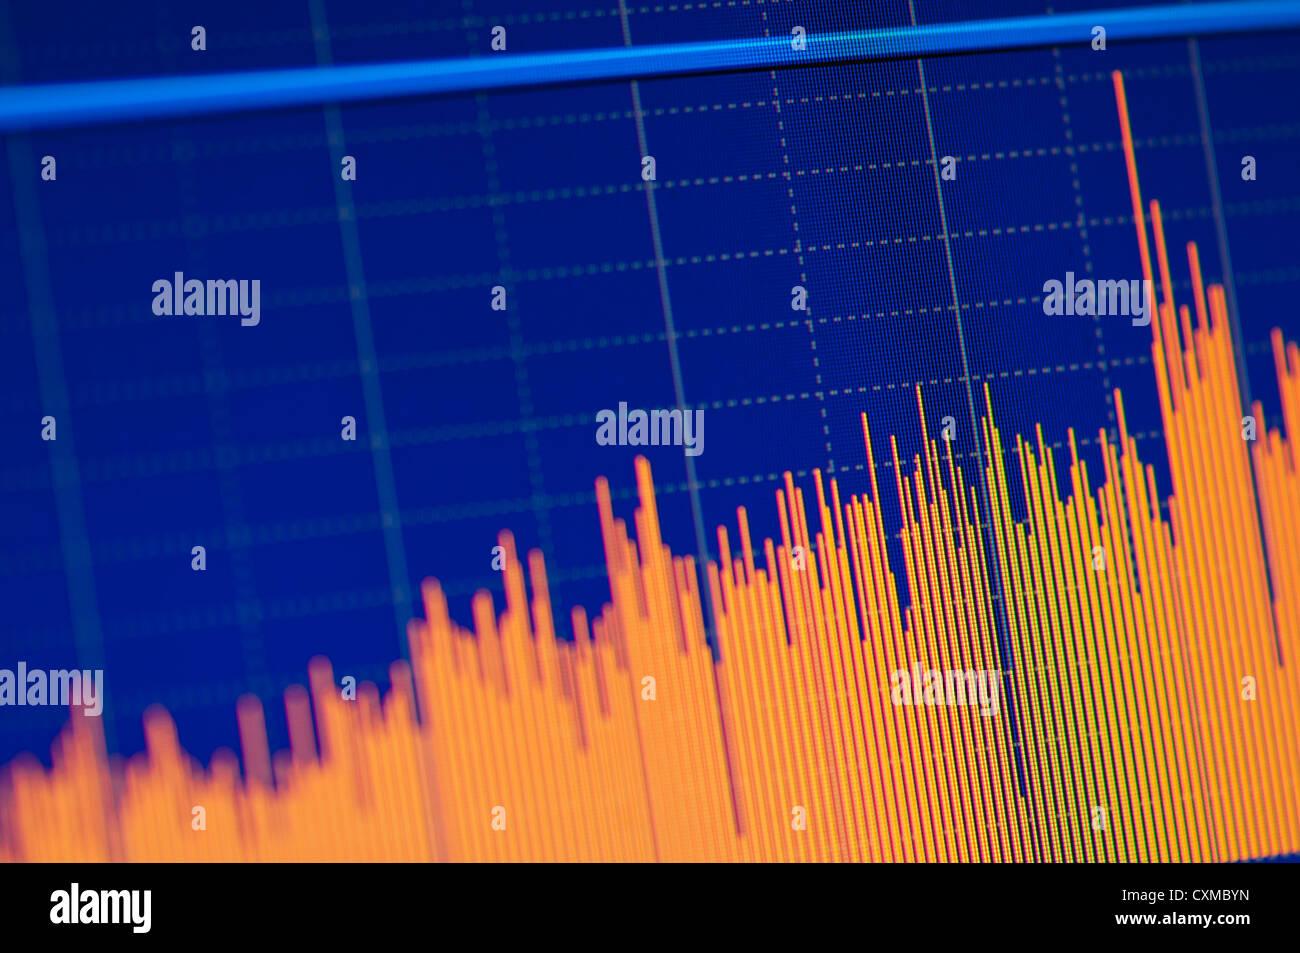 Close-up di un mercato azionario grafico su un display LCD ad alta risoluzione. Immagini Stock